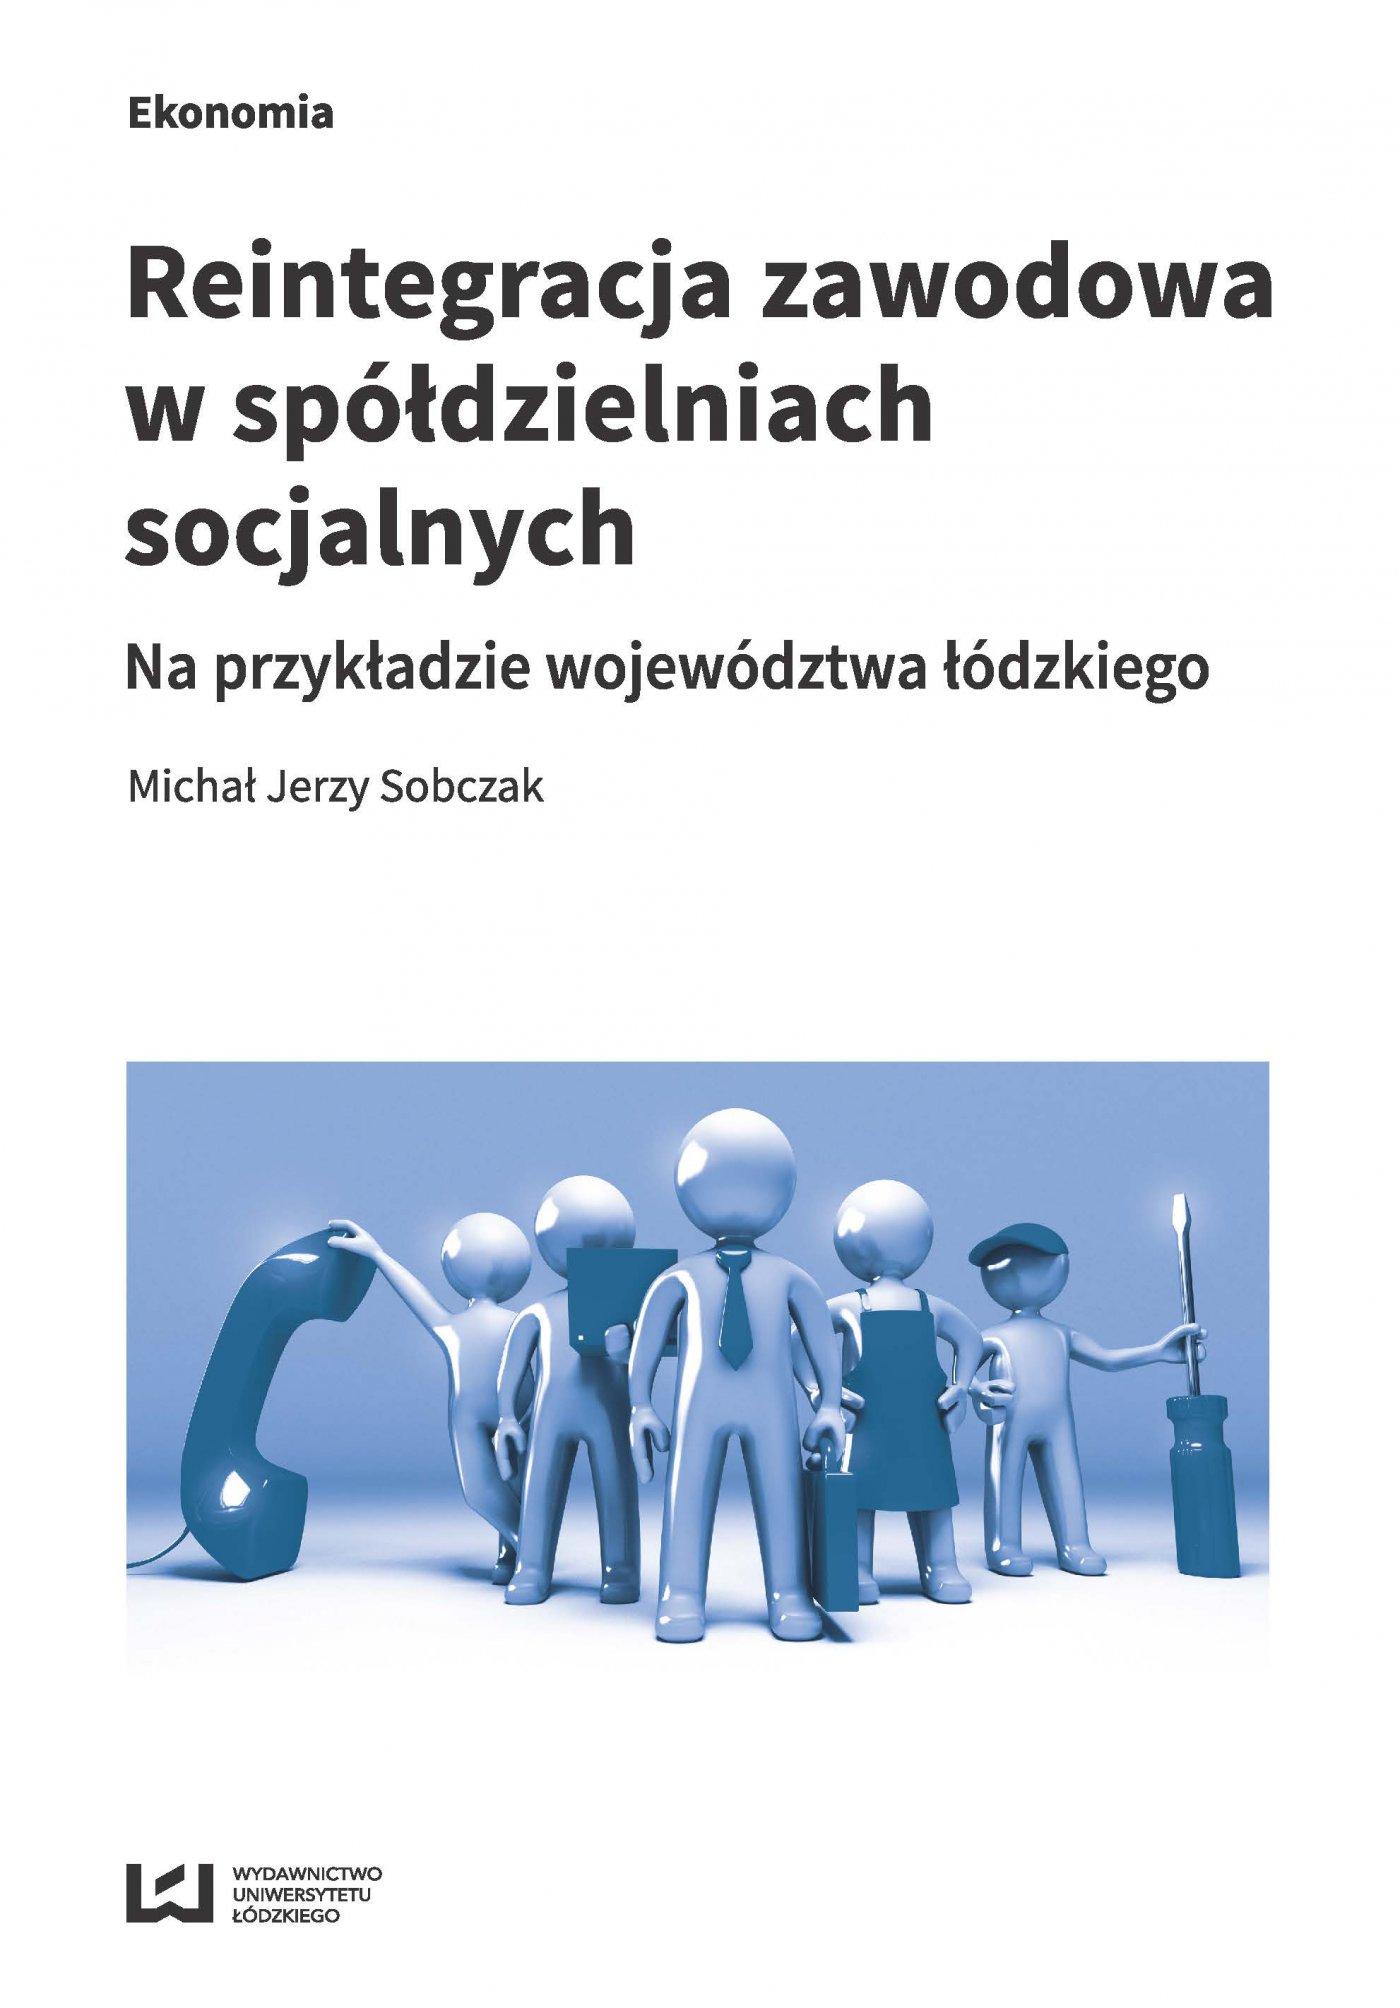 Reintegracja zawodowa w spółdzielniach socjalnych na przykładzie województwa łódzkiego - Ebook (Książka PDF) do pobrania w formacie PDF